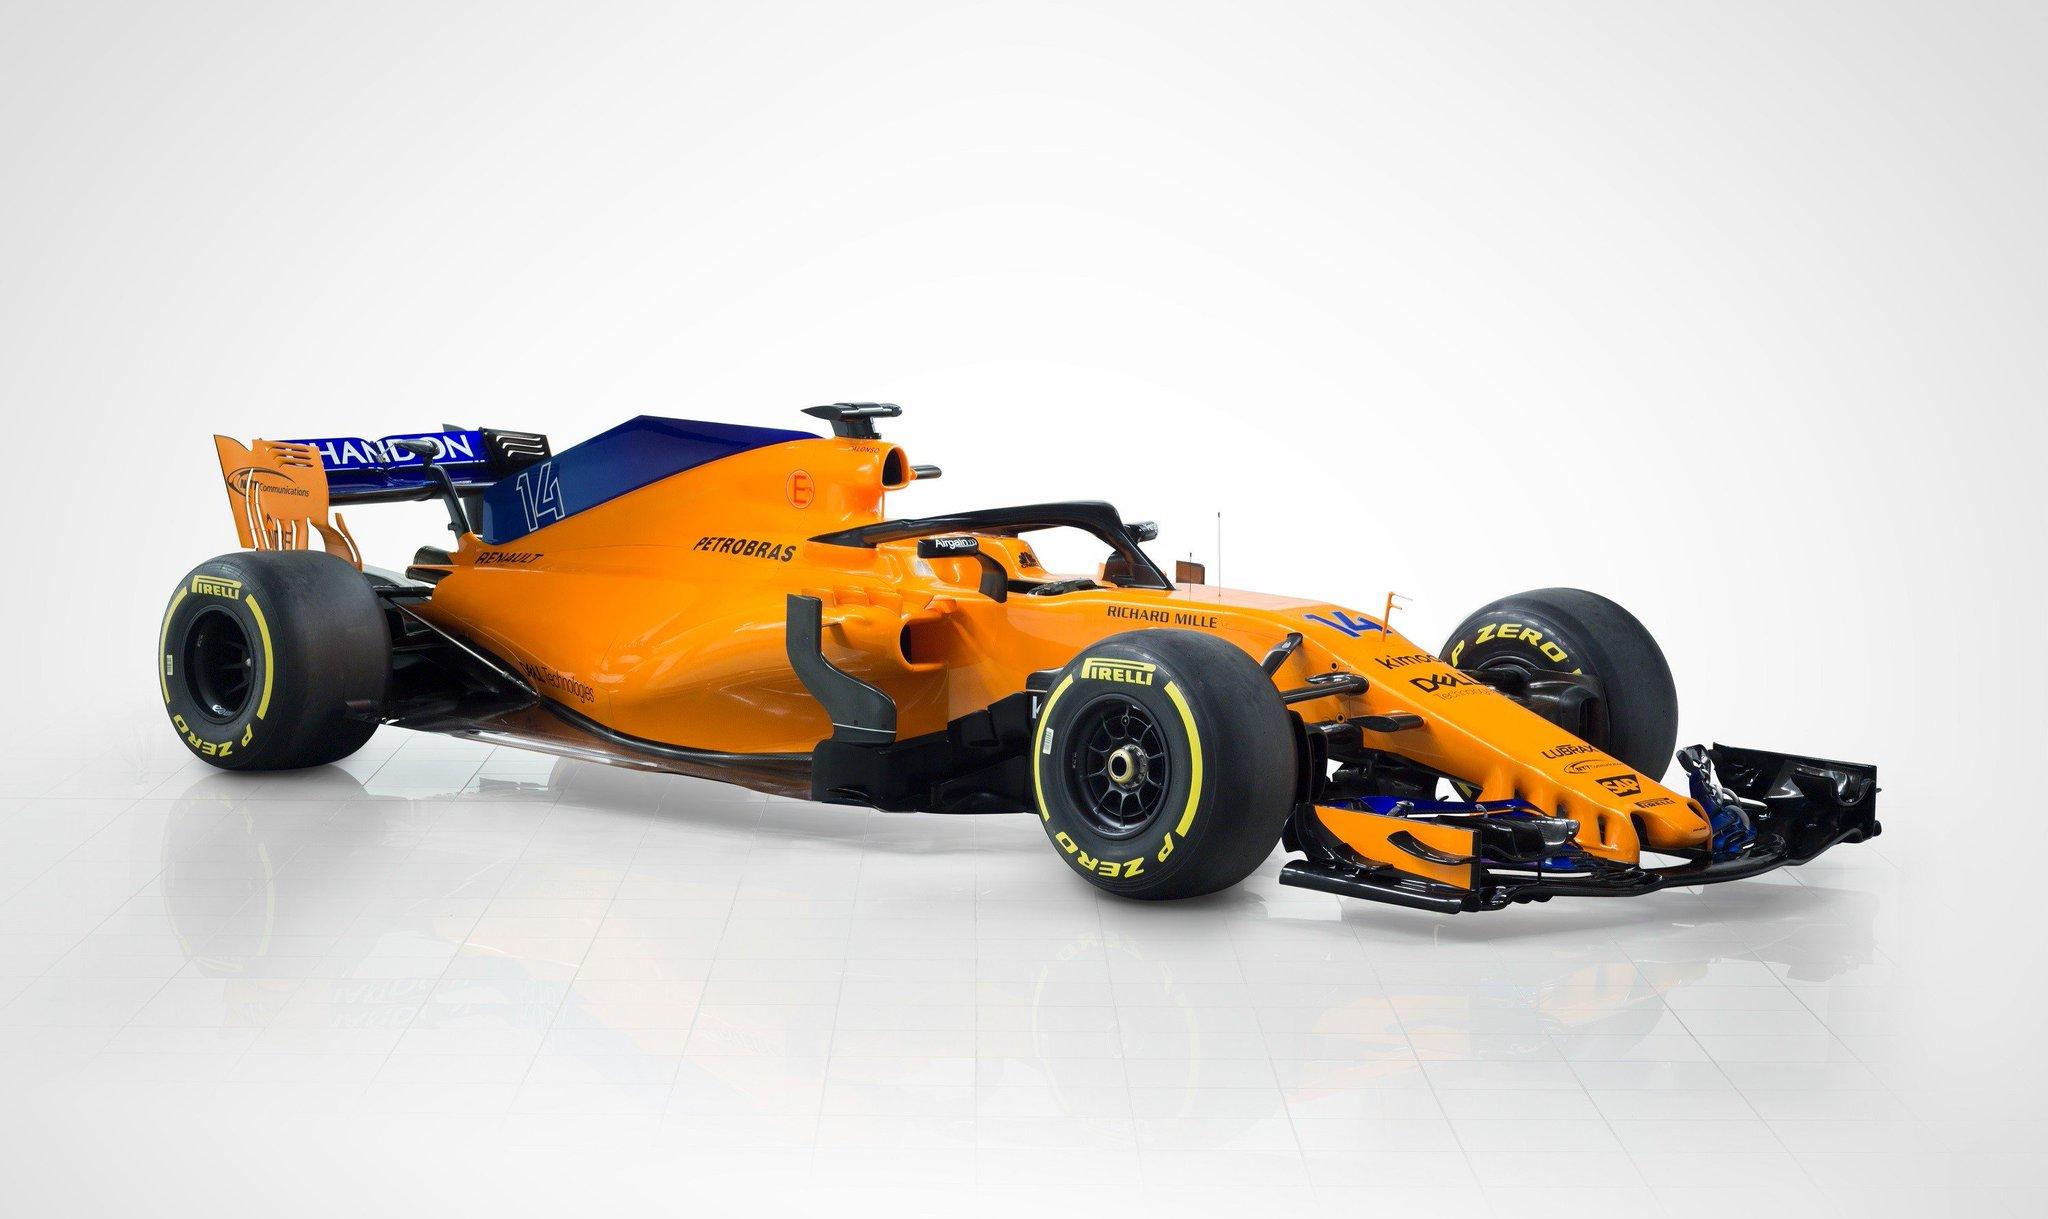 Meet the McLaren MCL33 https://t.co/ot2UtNBl0R #F1 #SkyF1 https://t.co/jhO8NXywdZ